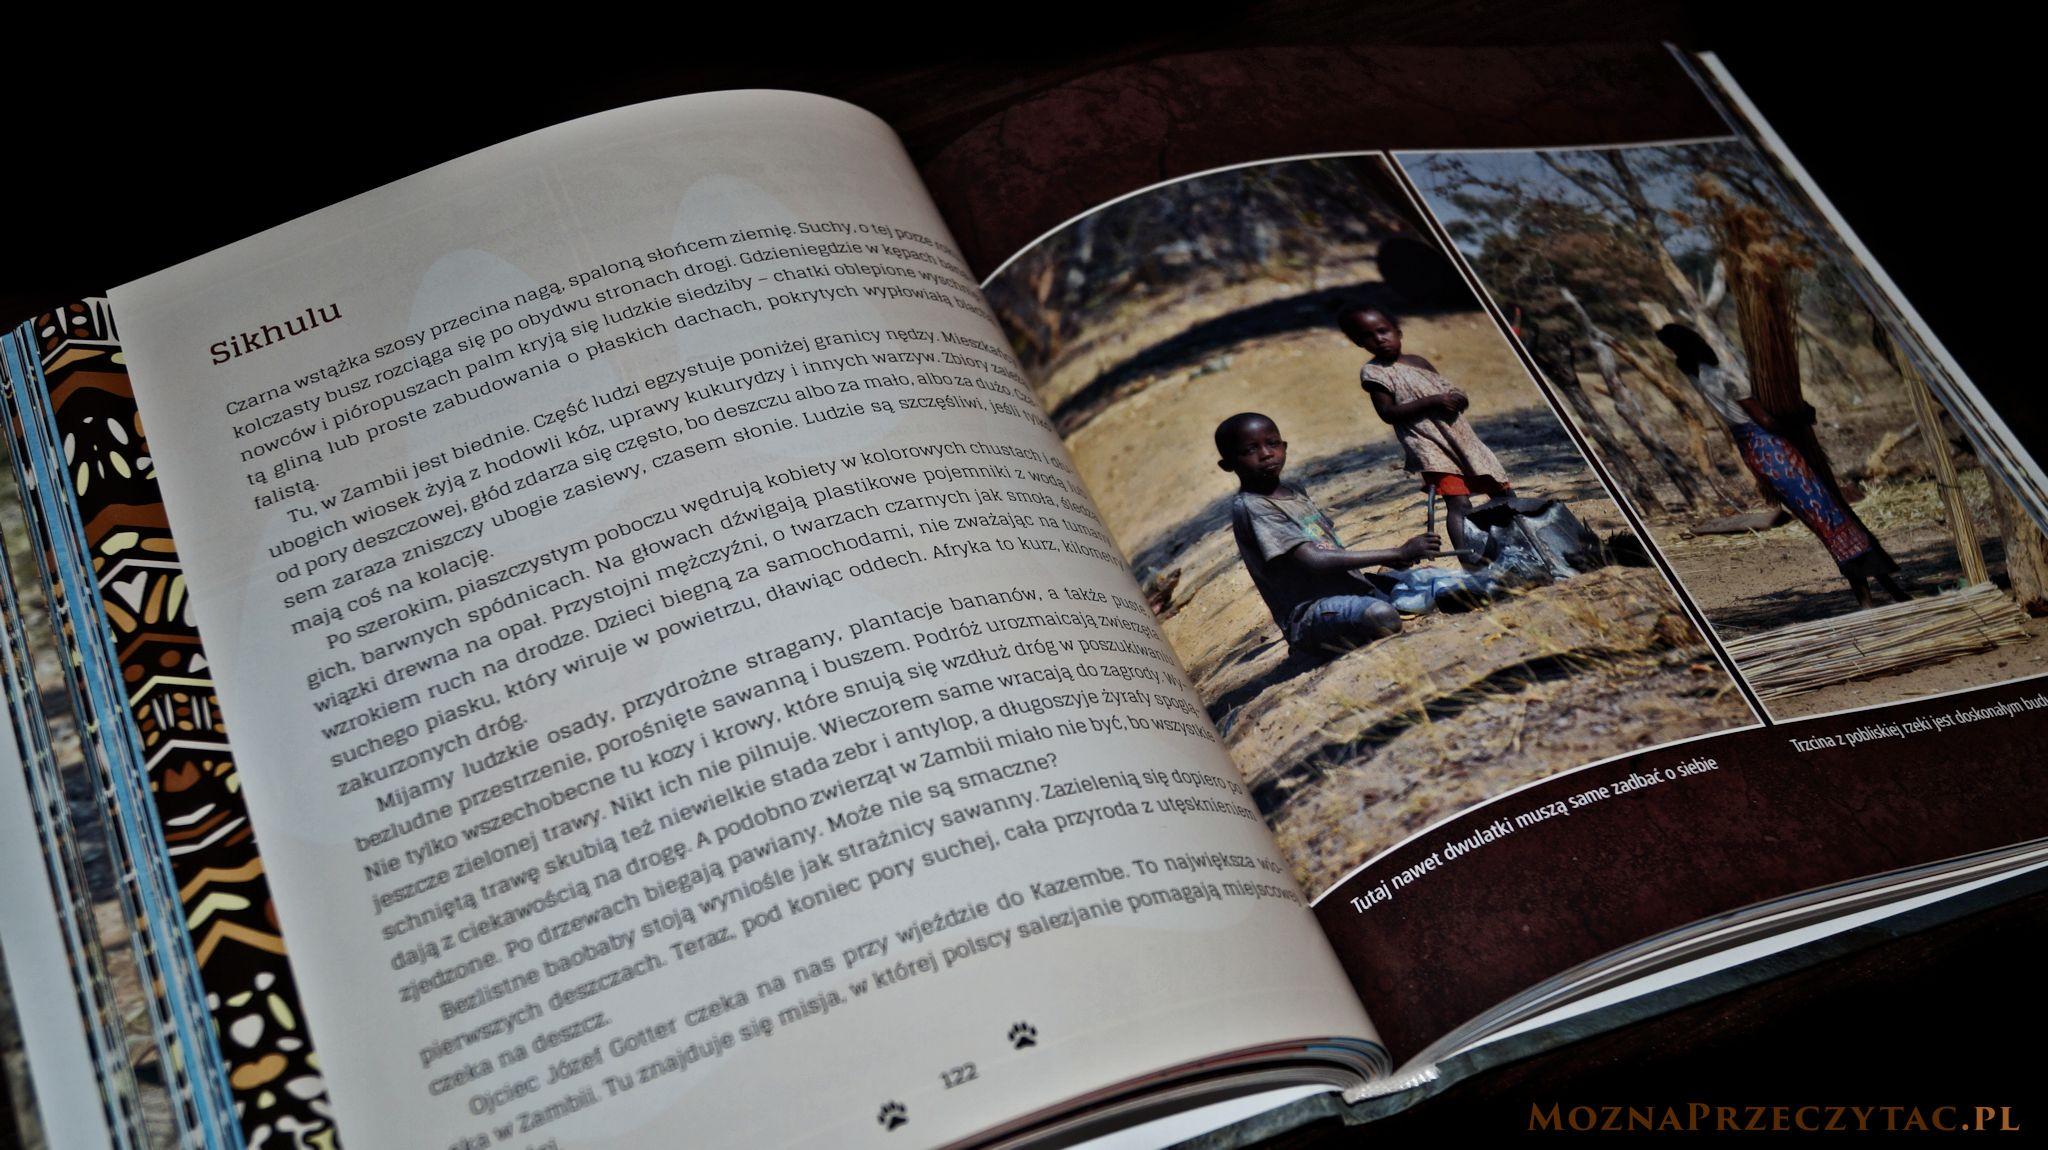 Dalej są tylko lwy. Afrykańskie przygody Kasi - Kasia Hajduk, Elżbieta Hajduk, Piotr Hajduk